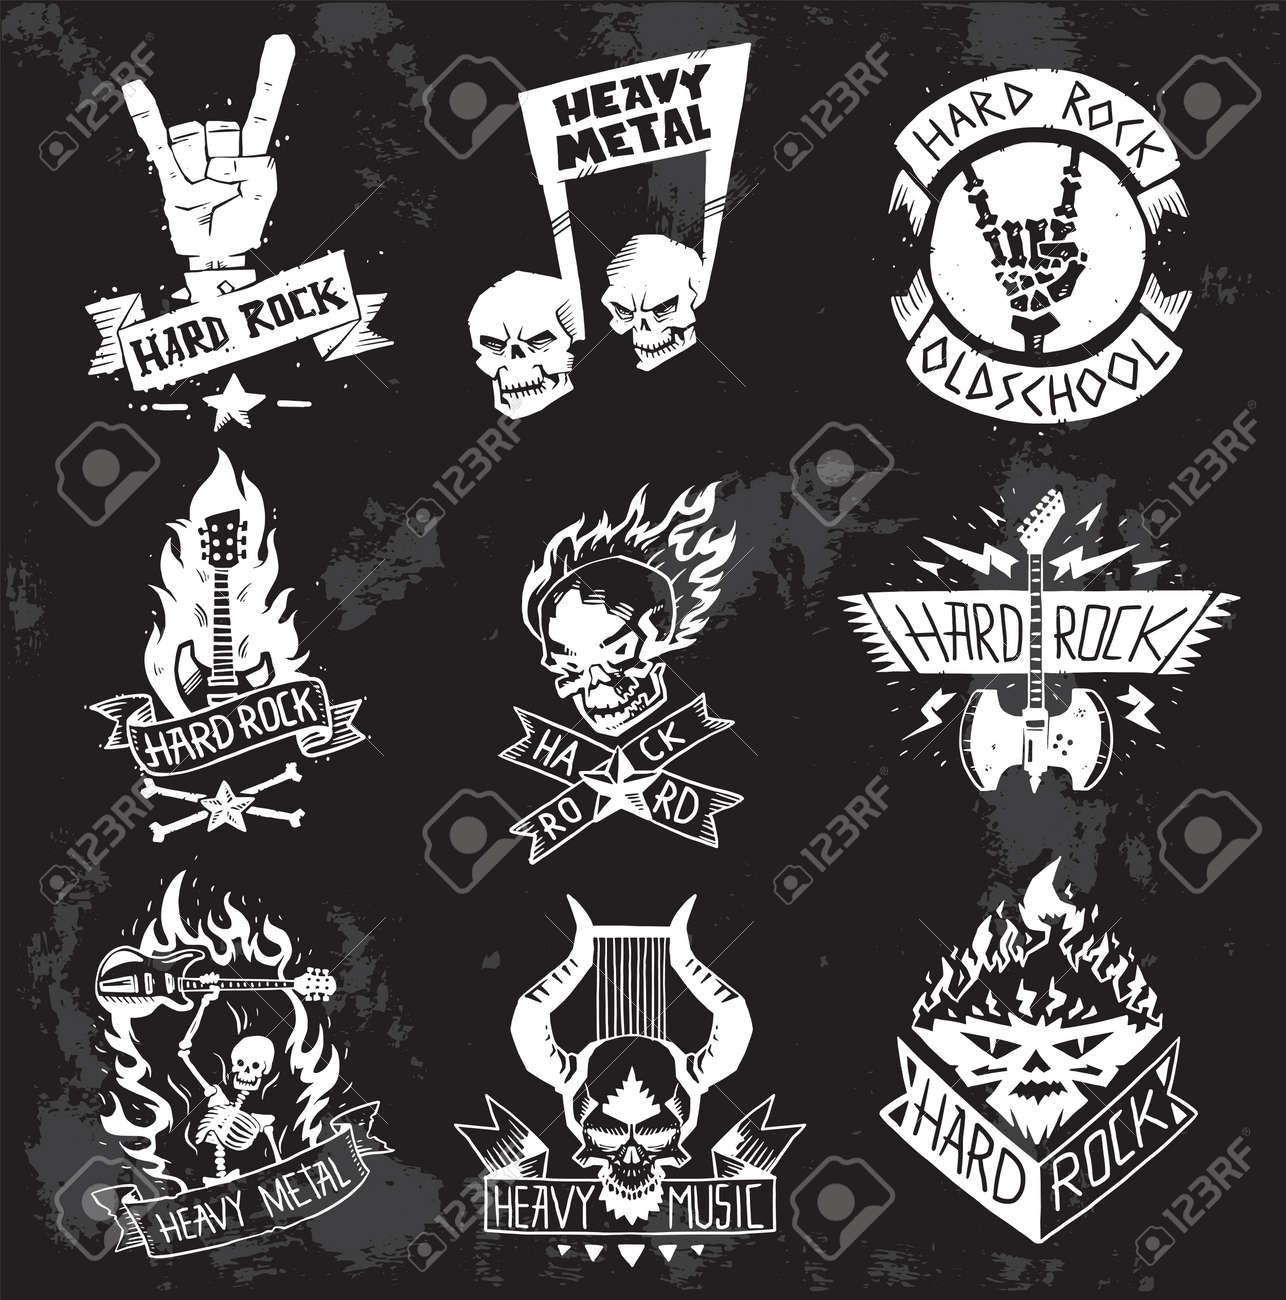 Vintage Coal Mining Emblems Labels Badges Monochrome Style Heavy